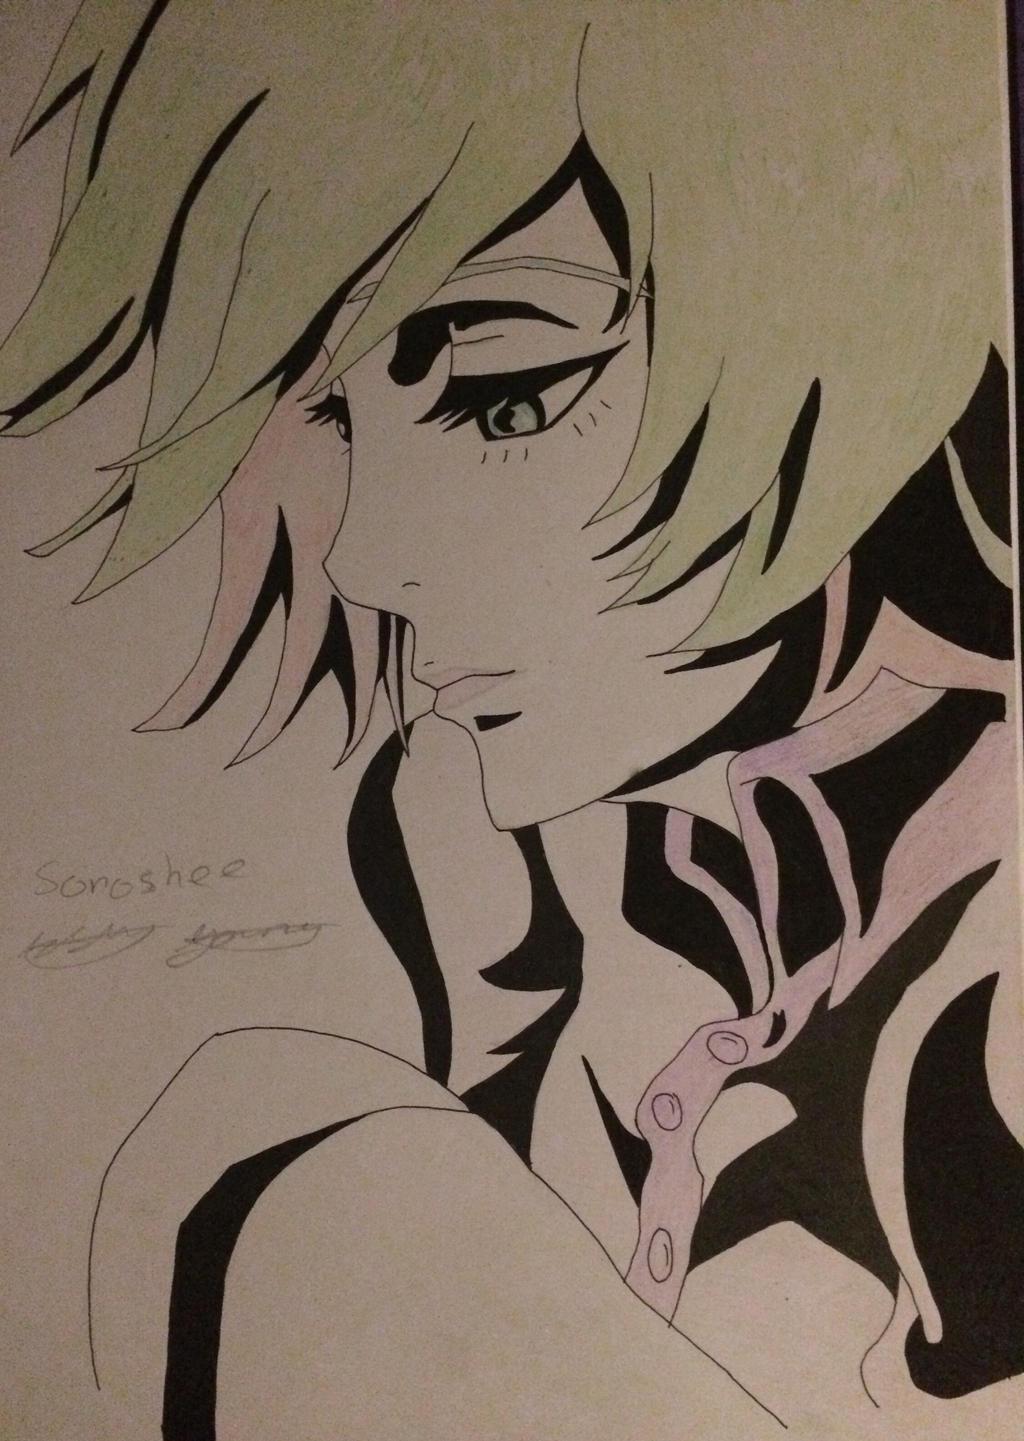 Sonoshee Redline Full Colour by epicbubble7